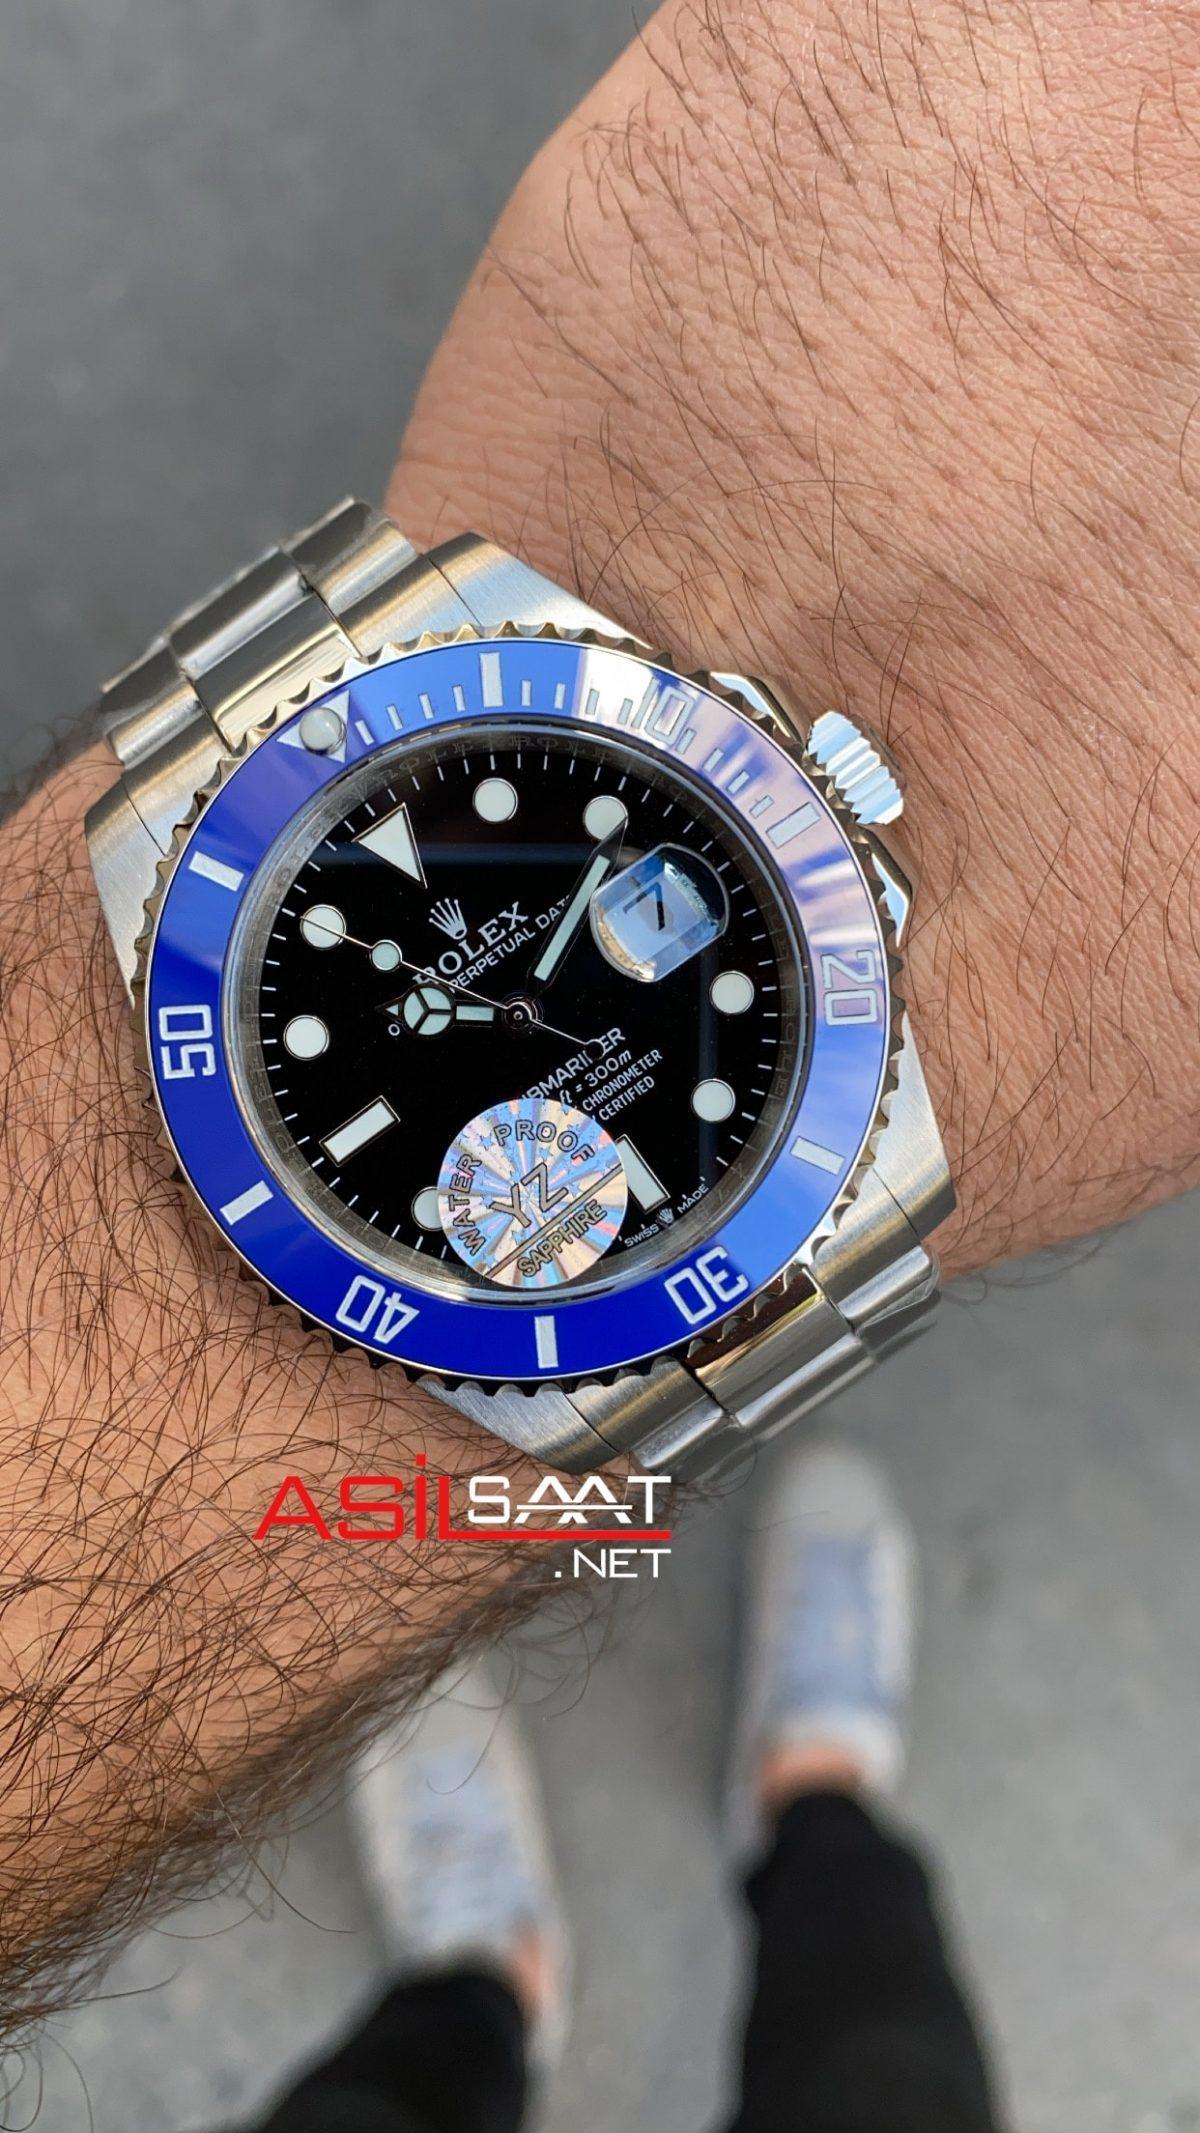 Rolex Submariner Date 126619LB ROLS013